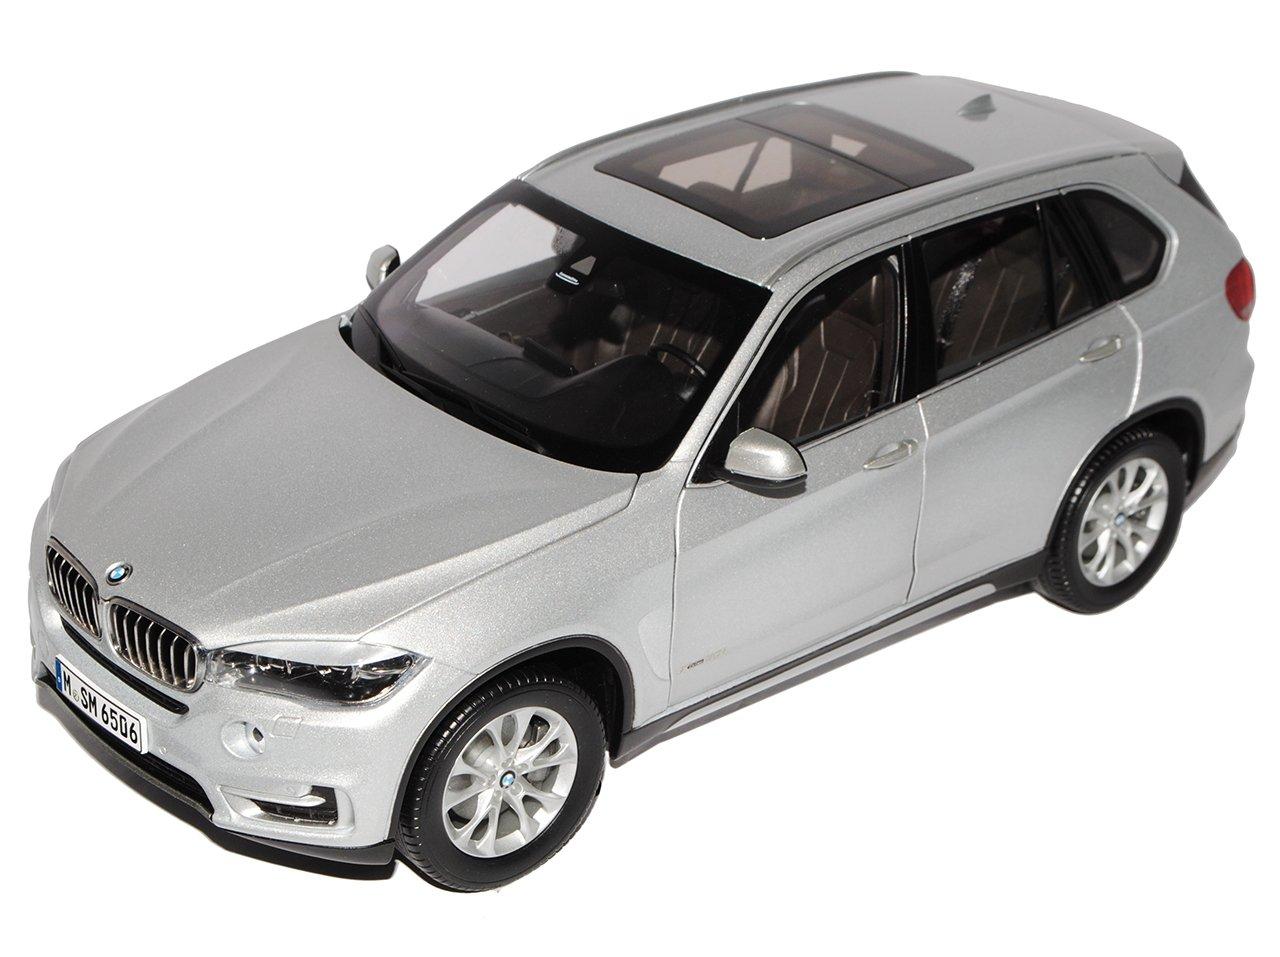 Jadi BMW X5 F15 SUV Glacier Silber Ab 2014 1/18 Modell Auto mit individiuellem Wunschkennzeichen